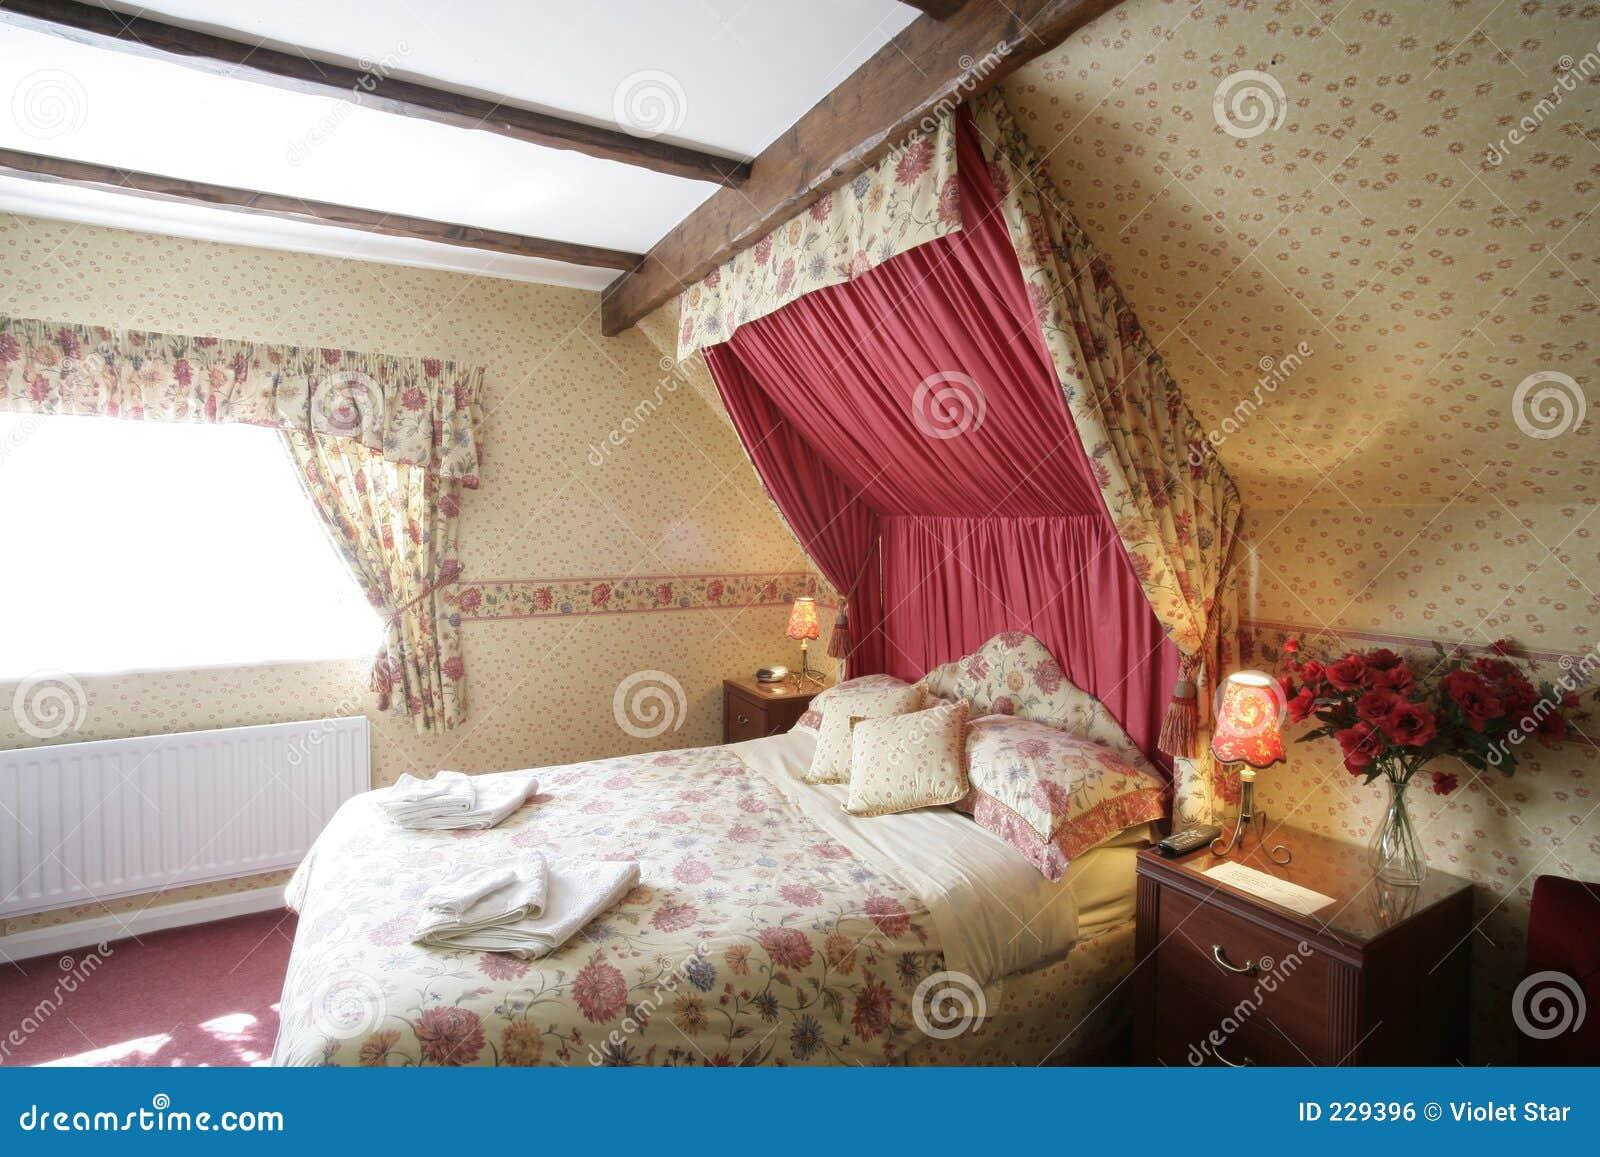 Schlafzimmer stockfoto. Bild von romantisch, romanze, bett - 229396